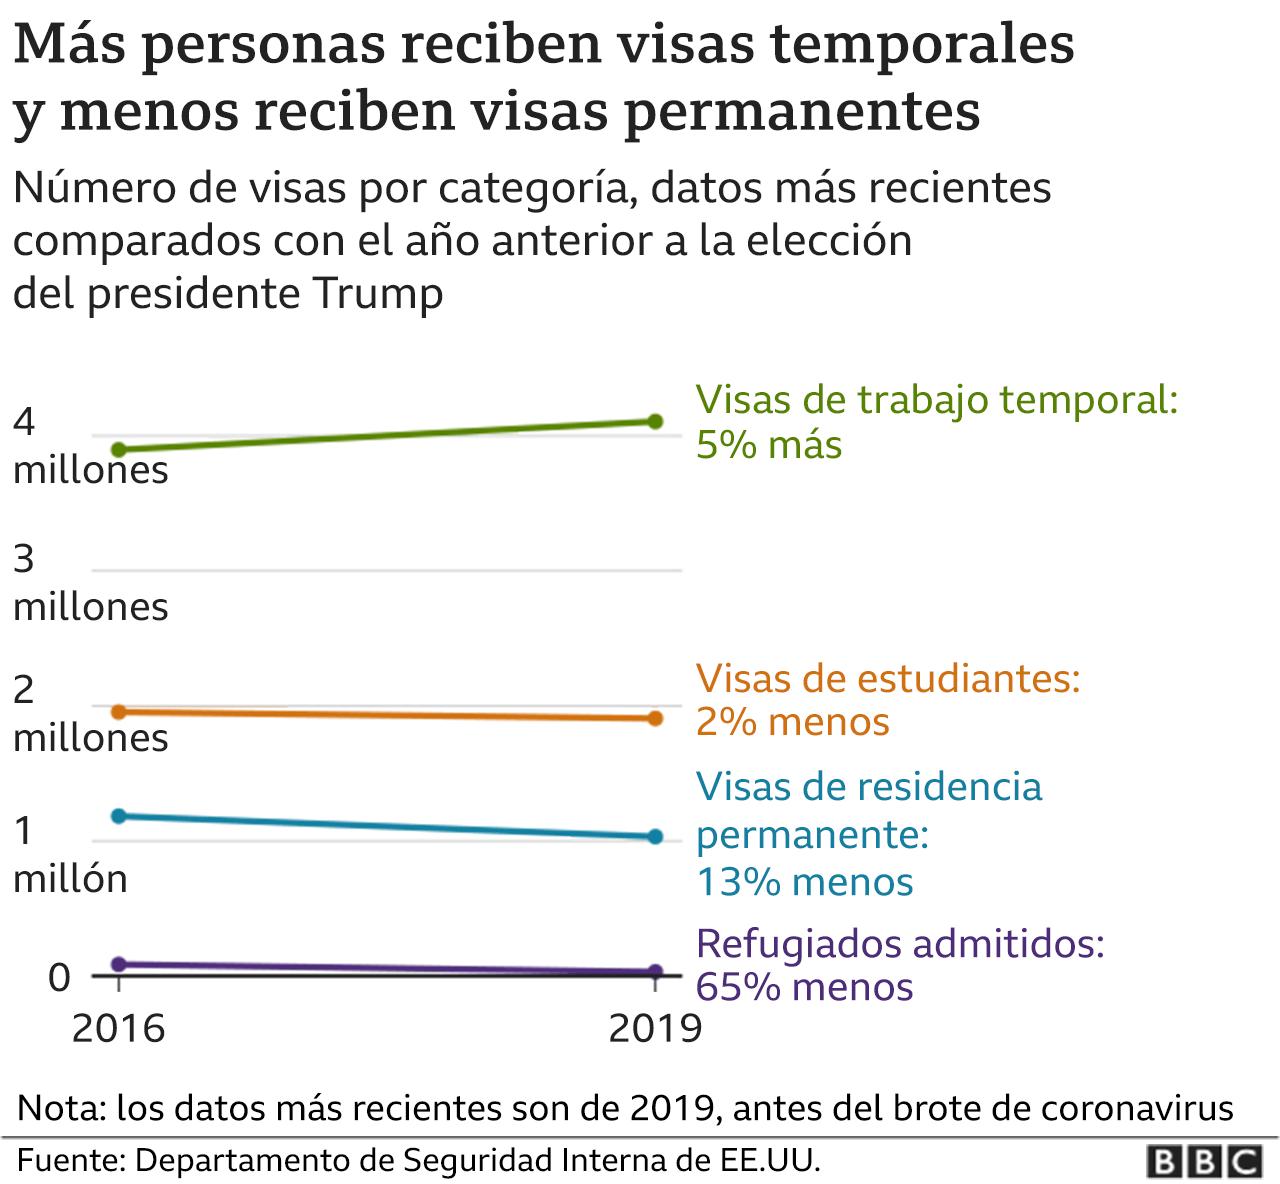 Gráfico visas temporales